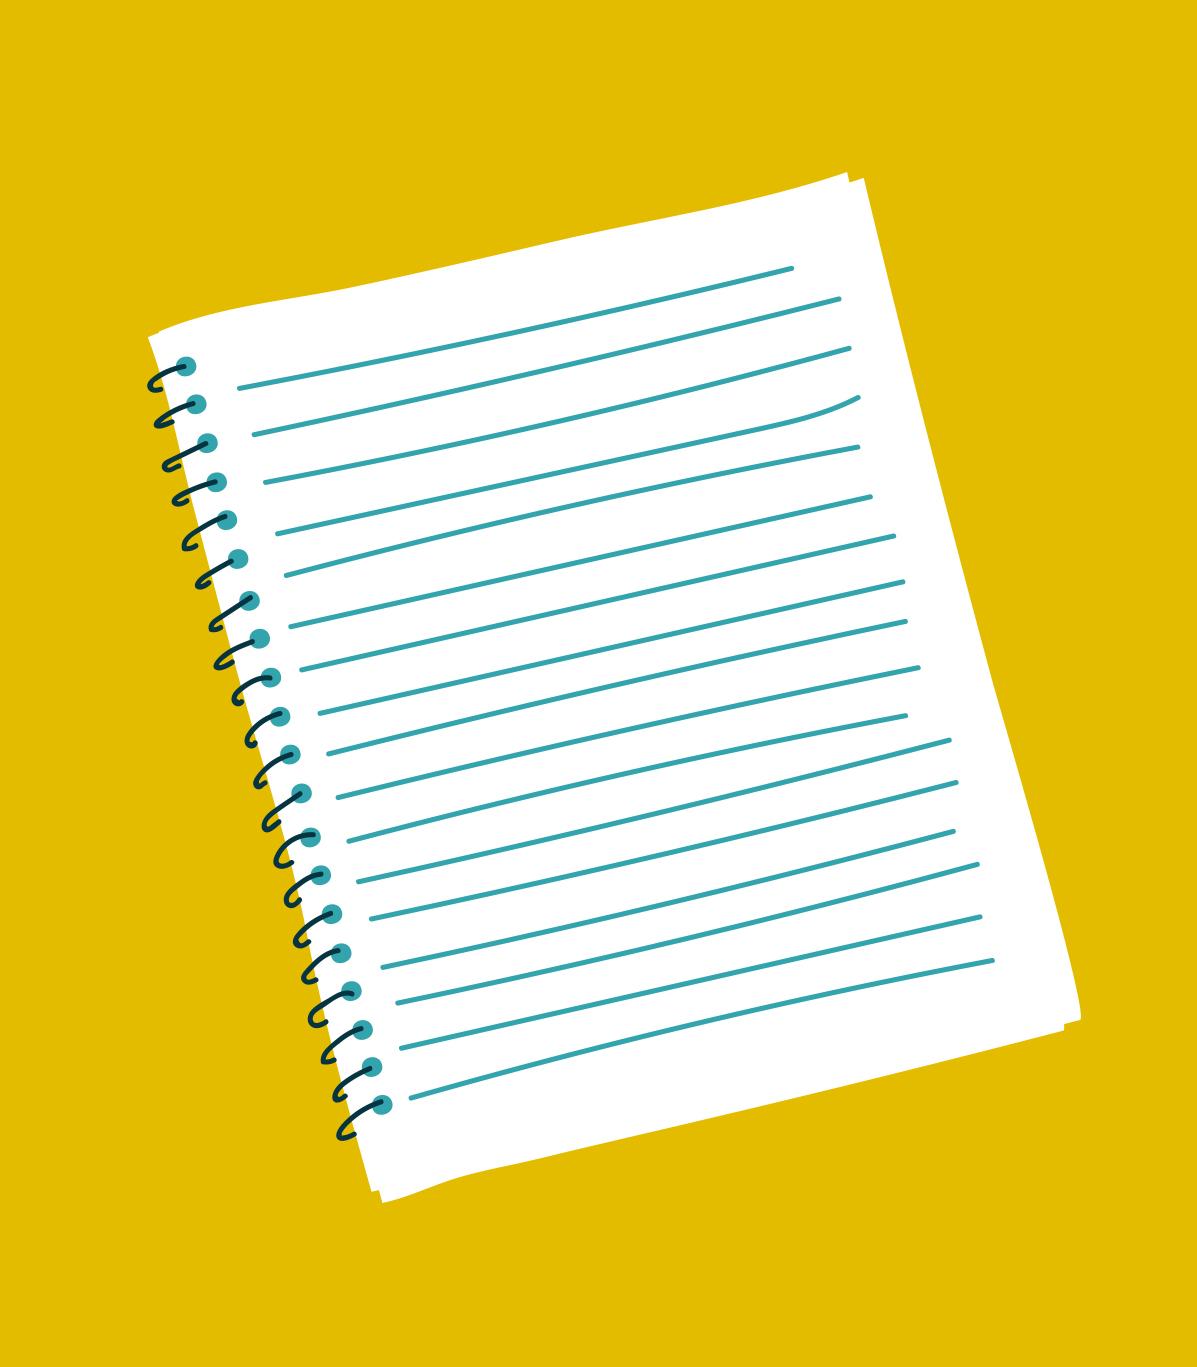 41. a fresh, new notebook  (clark g)